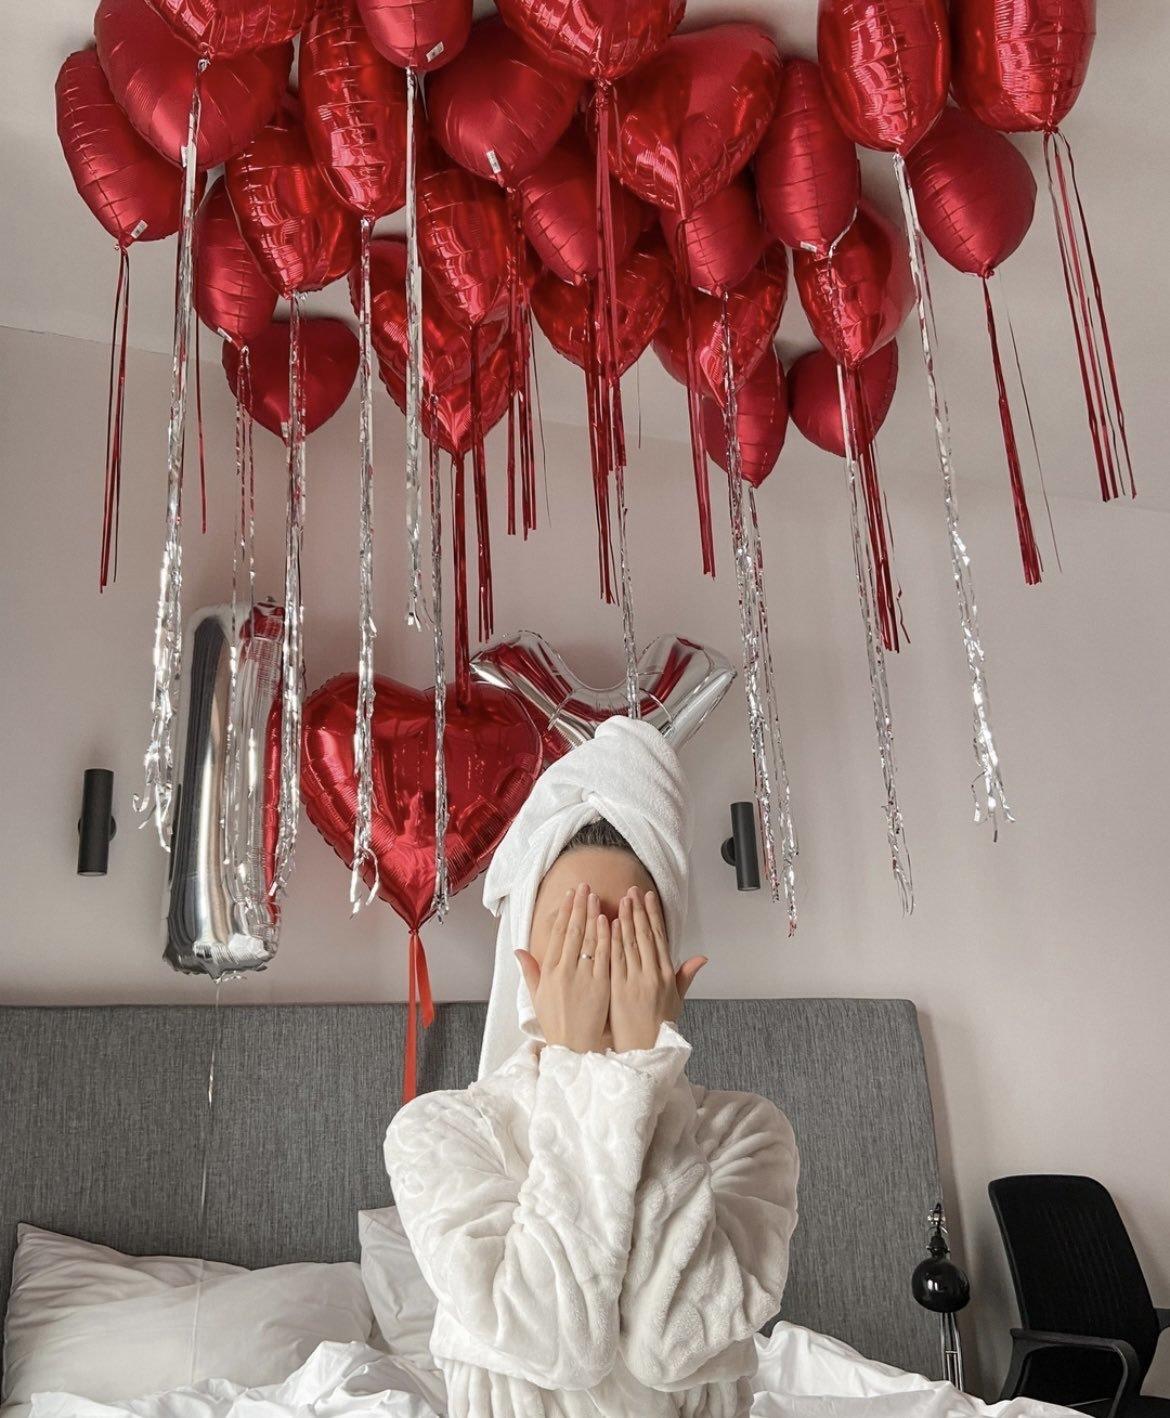 БЕСПЛАТНАЯ доставка голландских тюльпанов к вашему дому!, фото-19